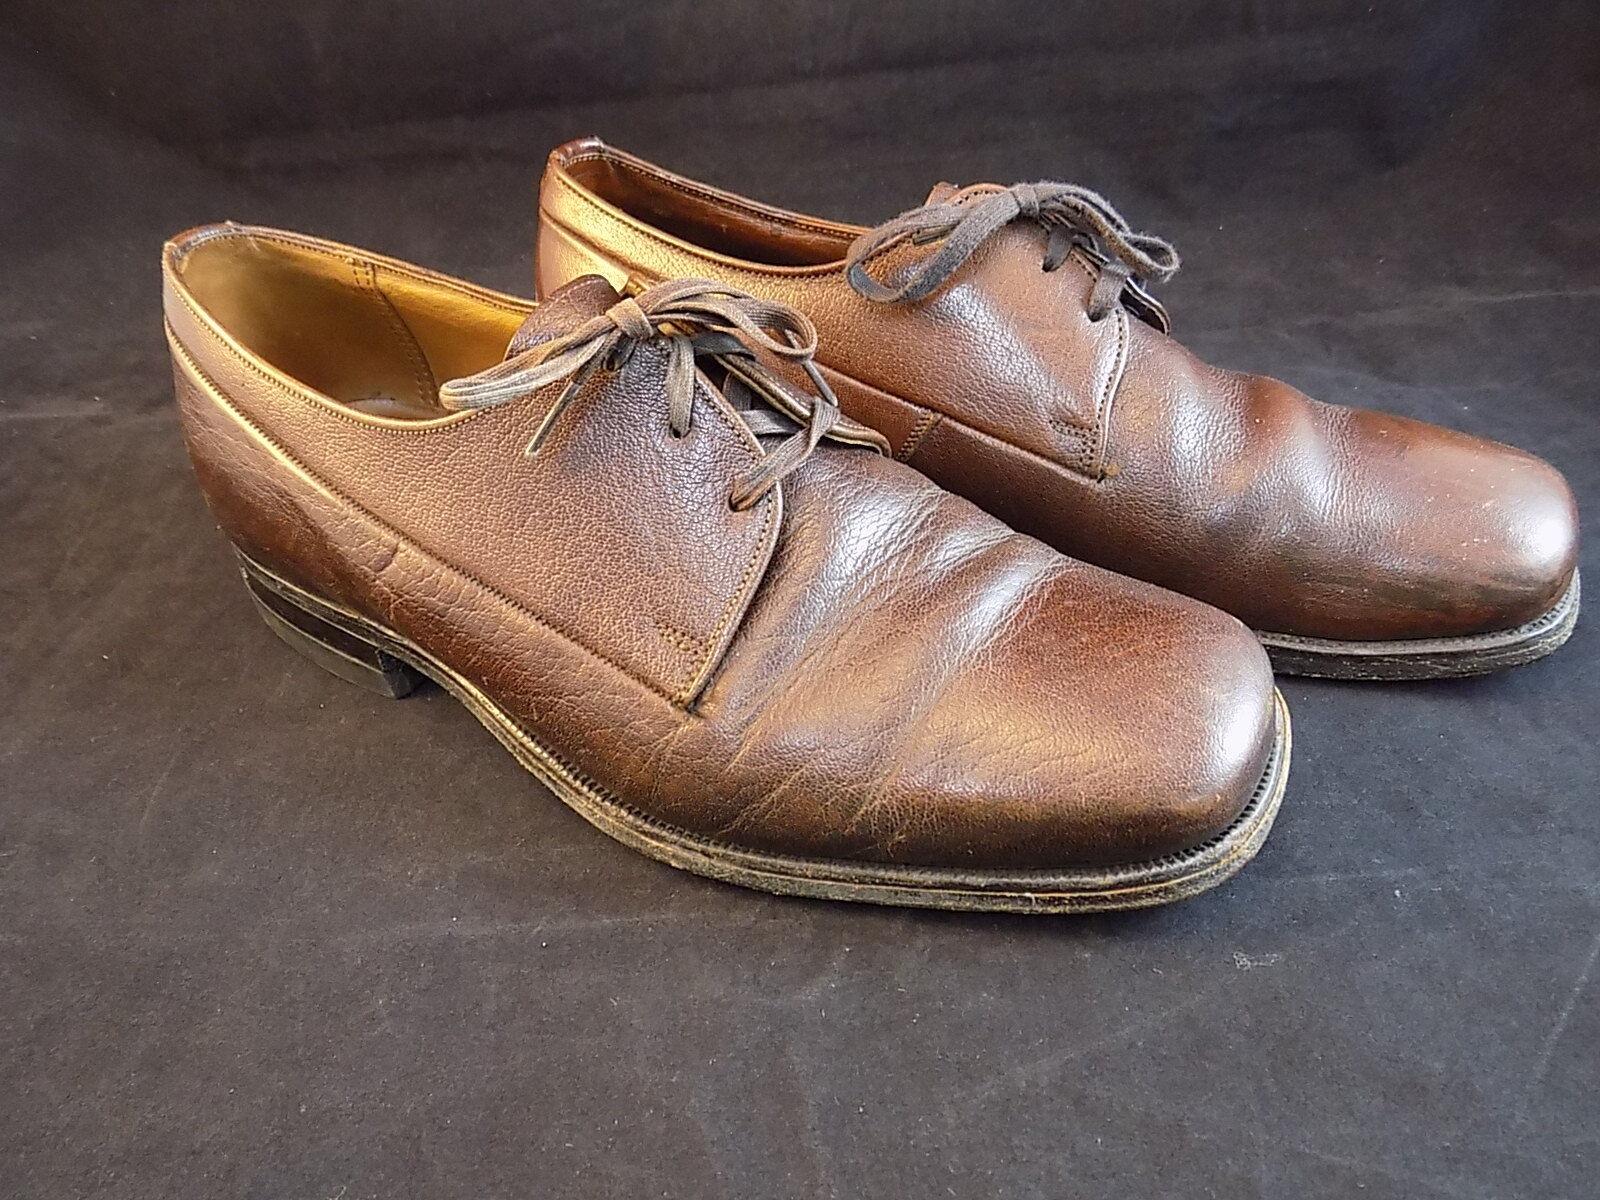 MENS LACE UP DRESS SHOE FLORSHEIM BROWN LEATHER shoes size 7E WIDE